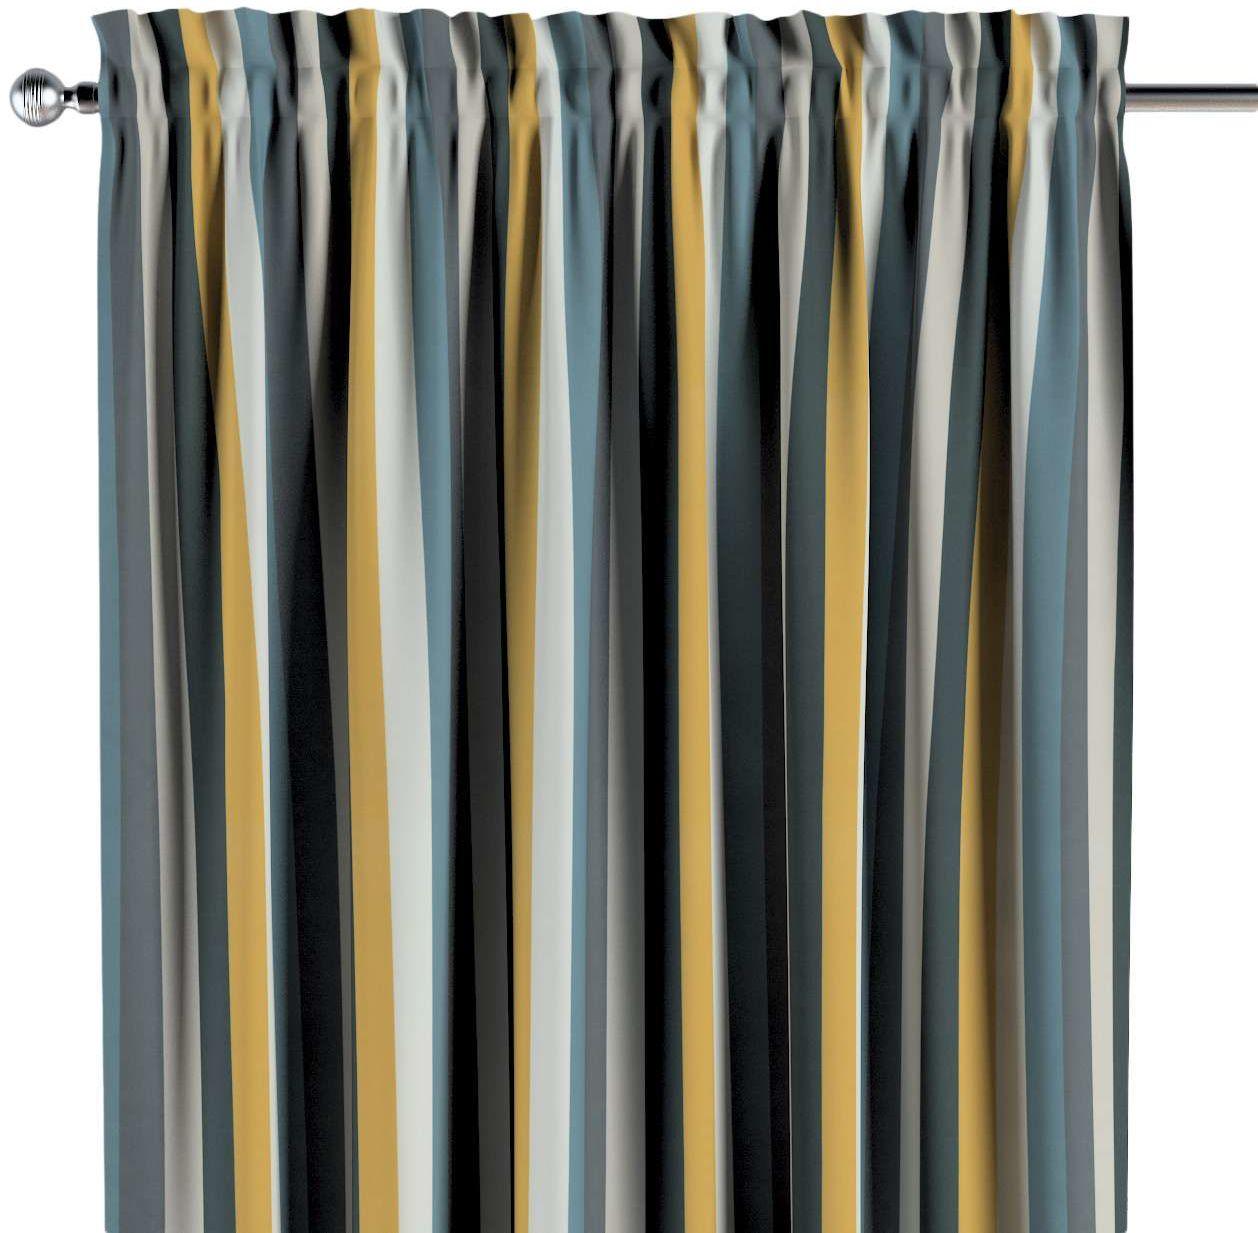 Zasłona na kanale z grzywką 1 szt., kolorowe pasy w niebiesko-żółto-szarej kolorystyce, 1szt 130  260 cm, Vintage 70''s